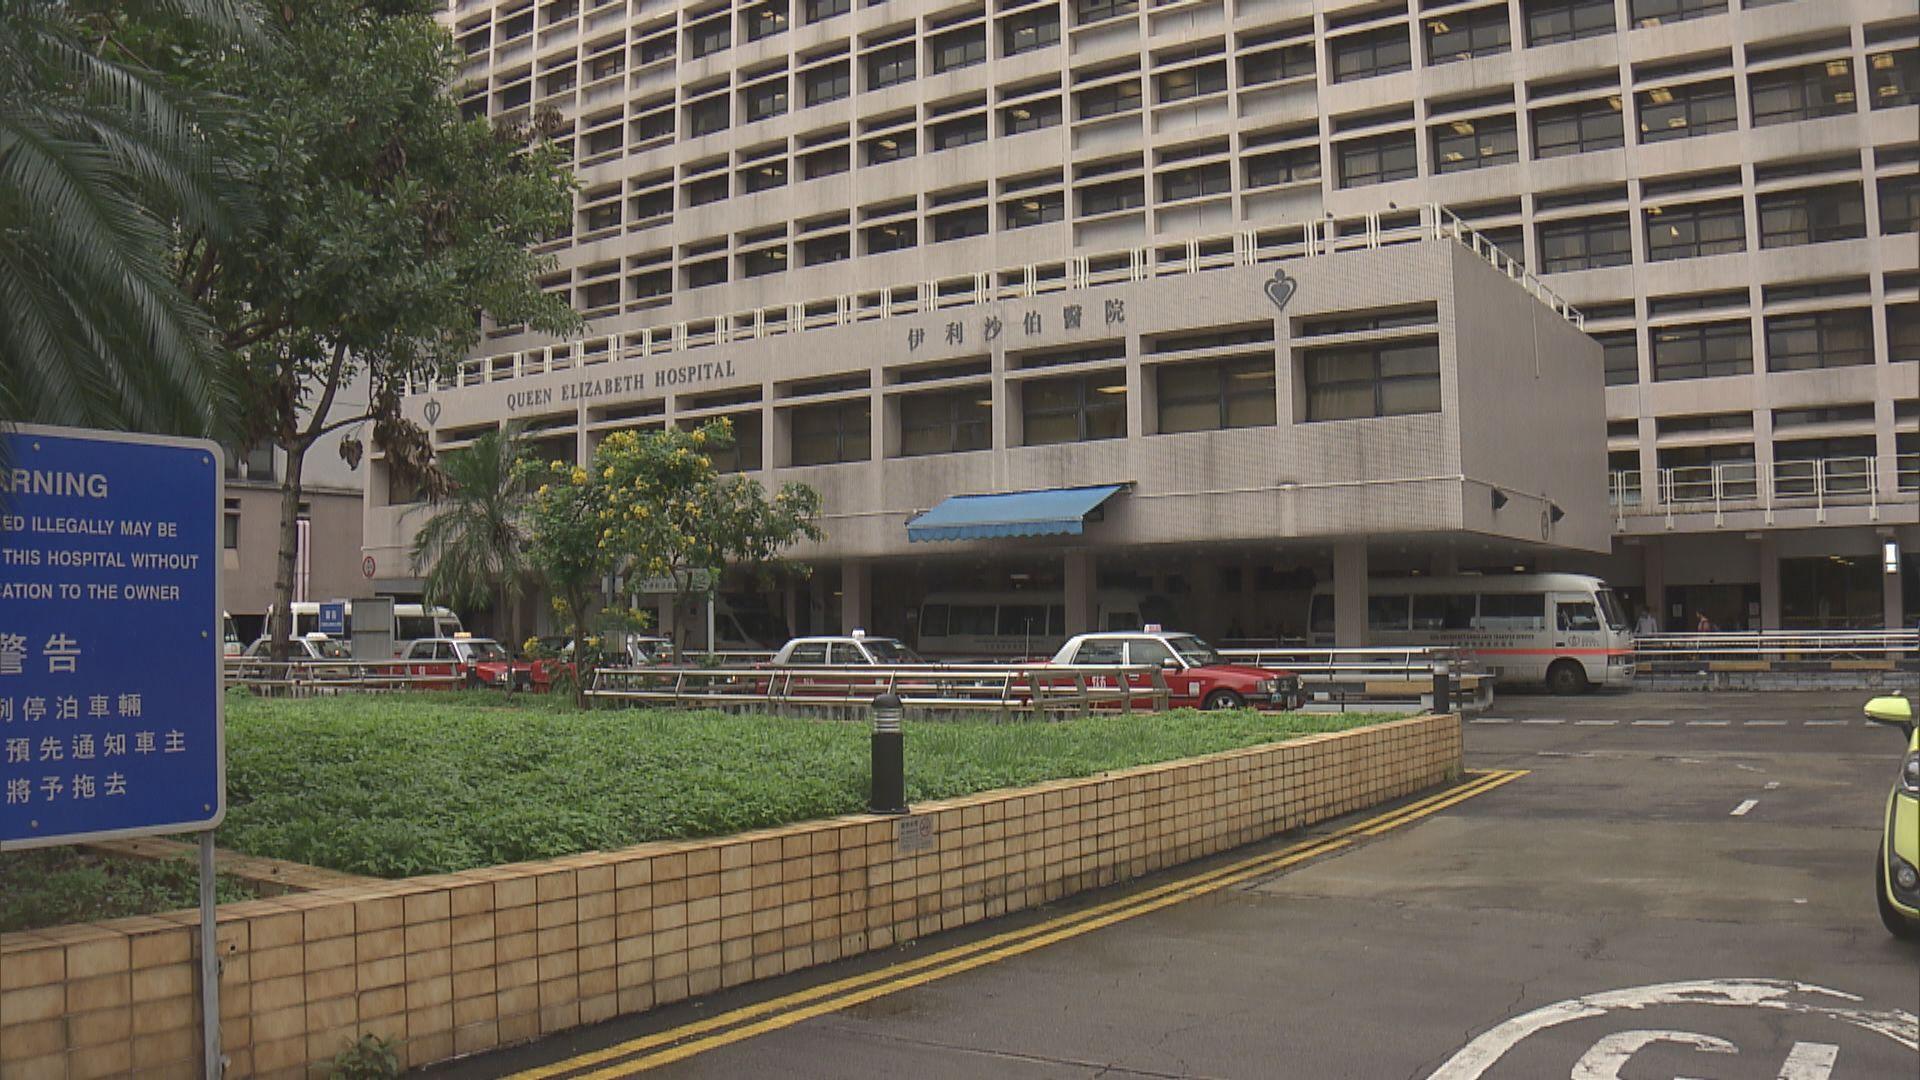 伊利沙伯醫院跟進不當處理病人資料投訴